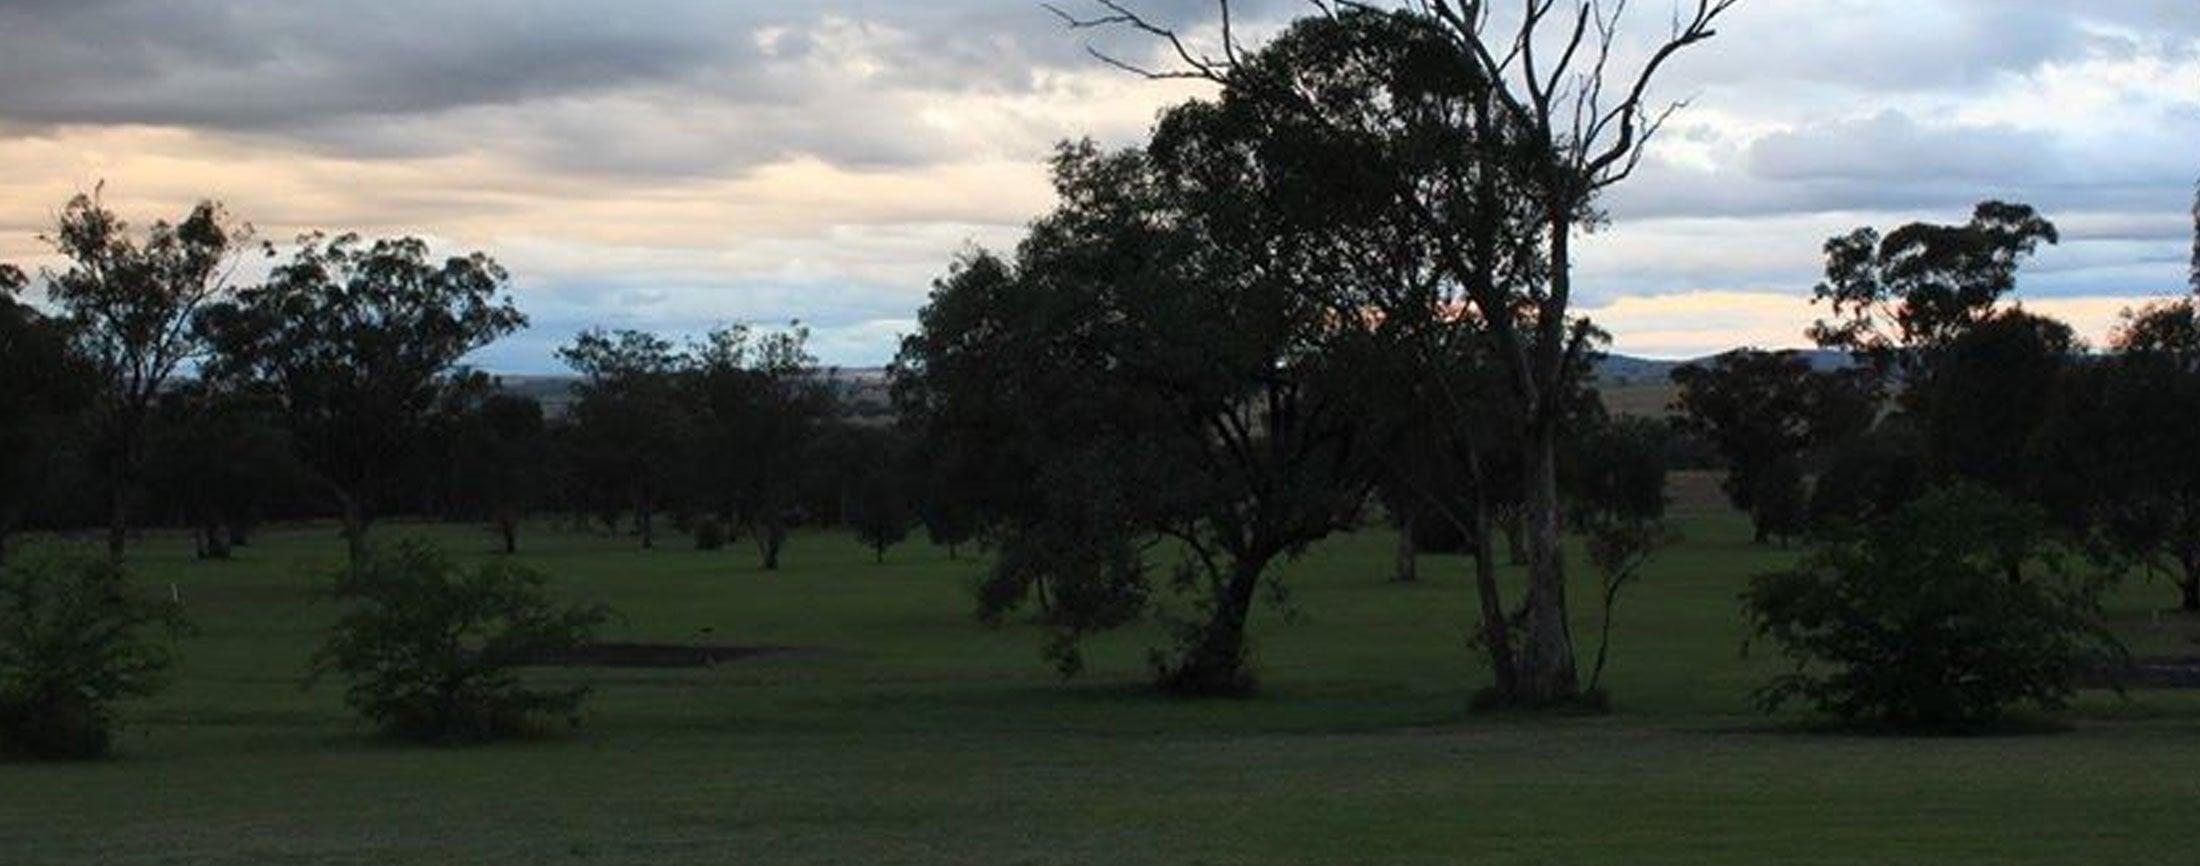 Ashford Golf Club